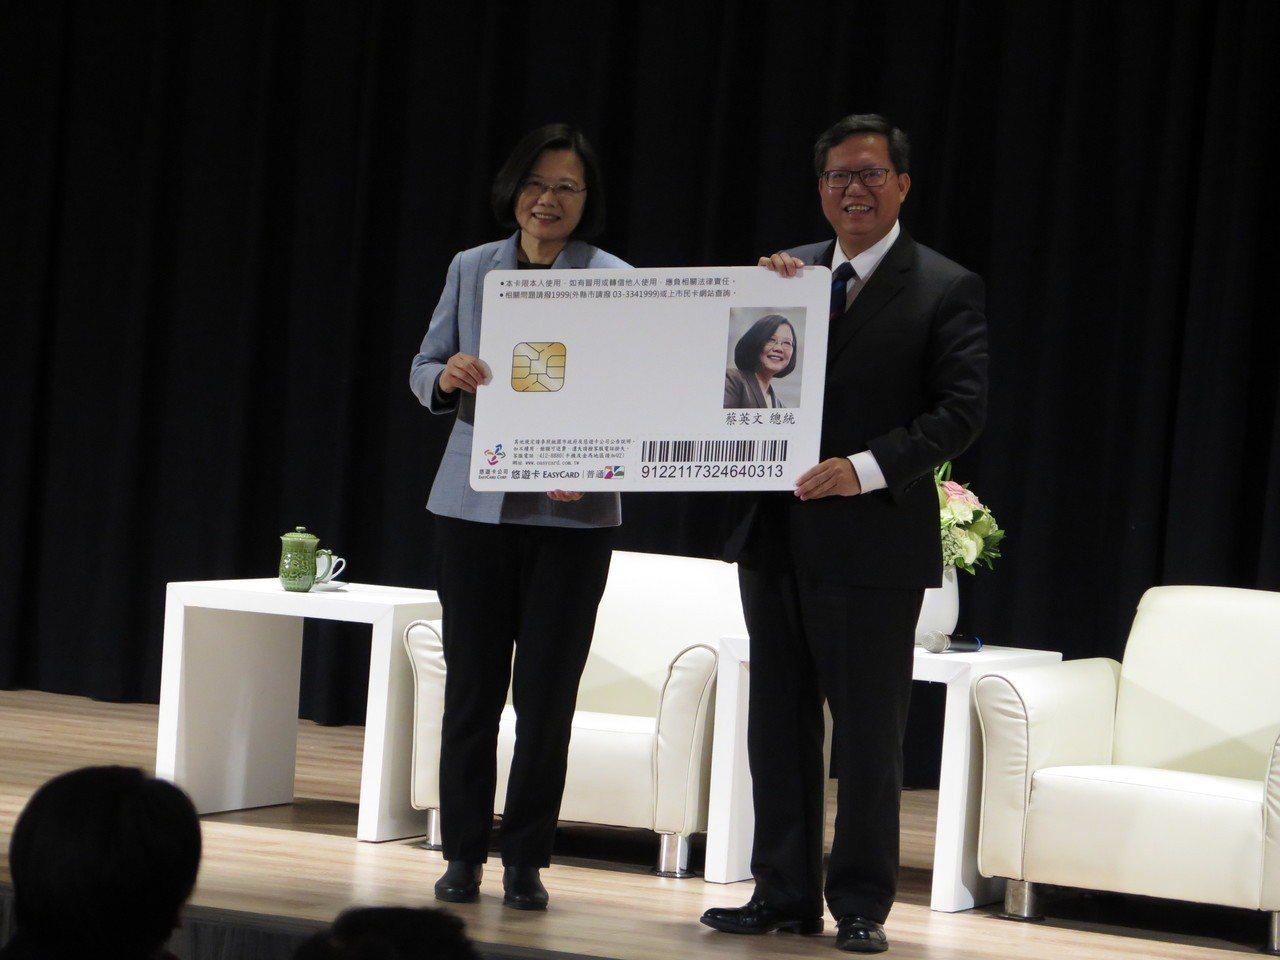 桃園市長鄭文燦送給總統蔡英文一張桃園市民卡,印製總統臉書大頭照。記者張裕珍/攝影